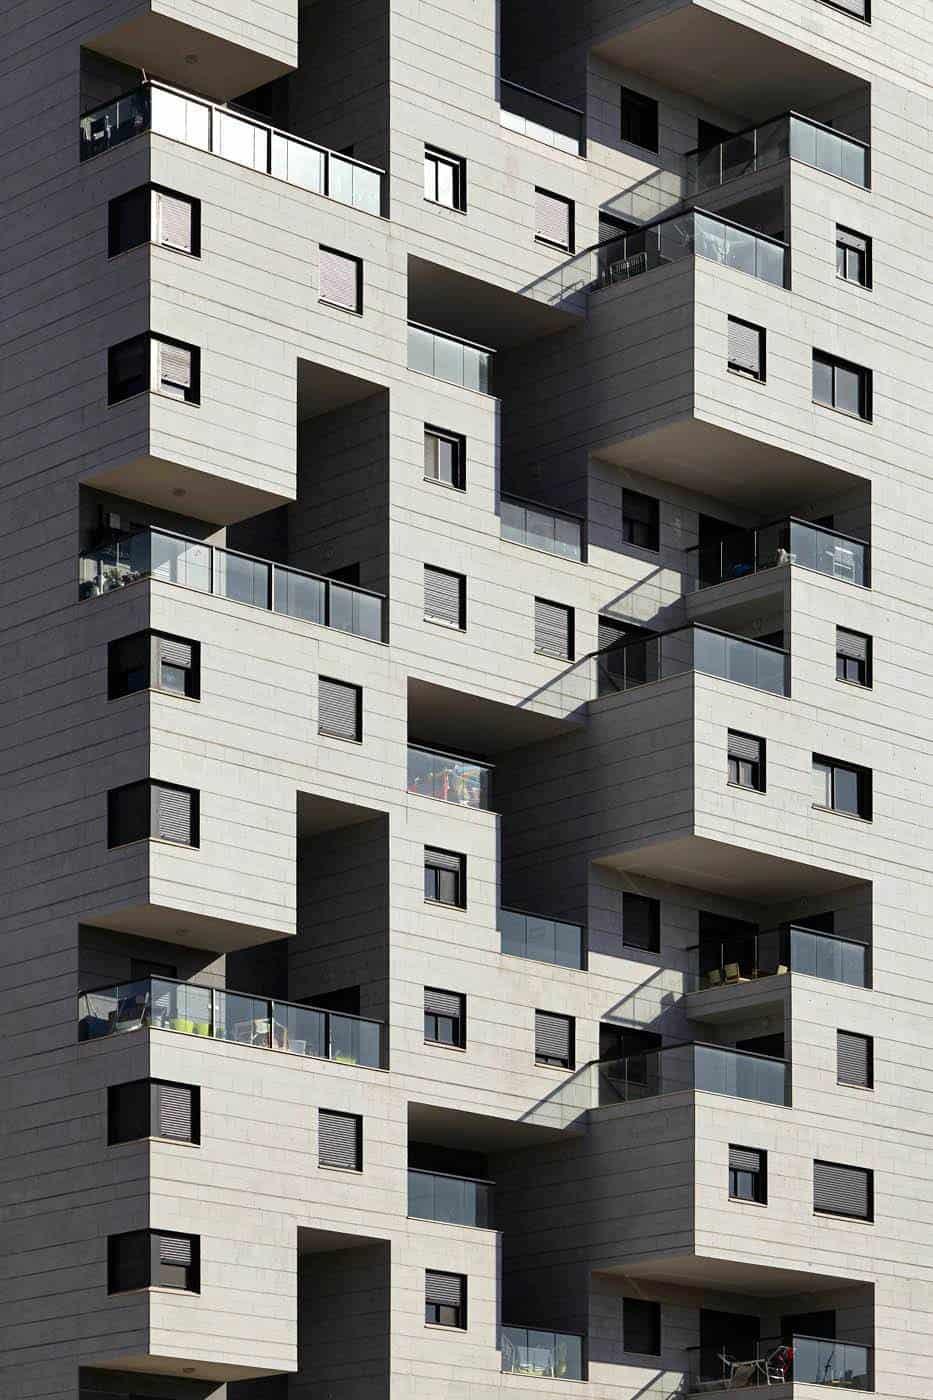 בונים מגדלי מגורים עם סקצ'אפ וזוכים בתחרויות! 12